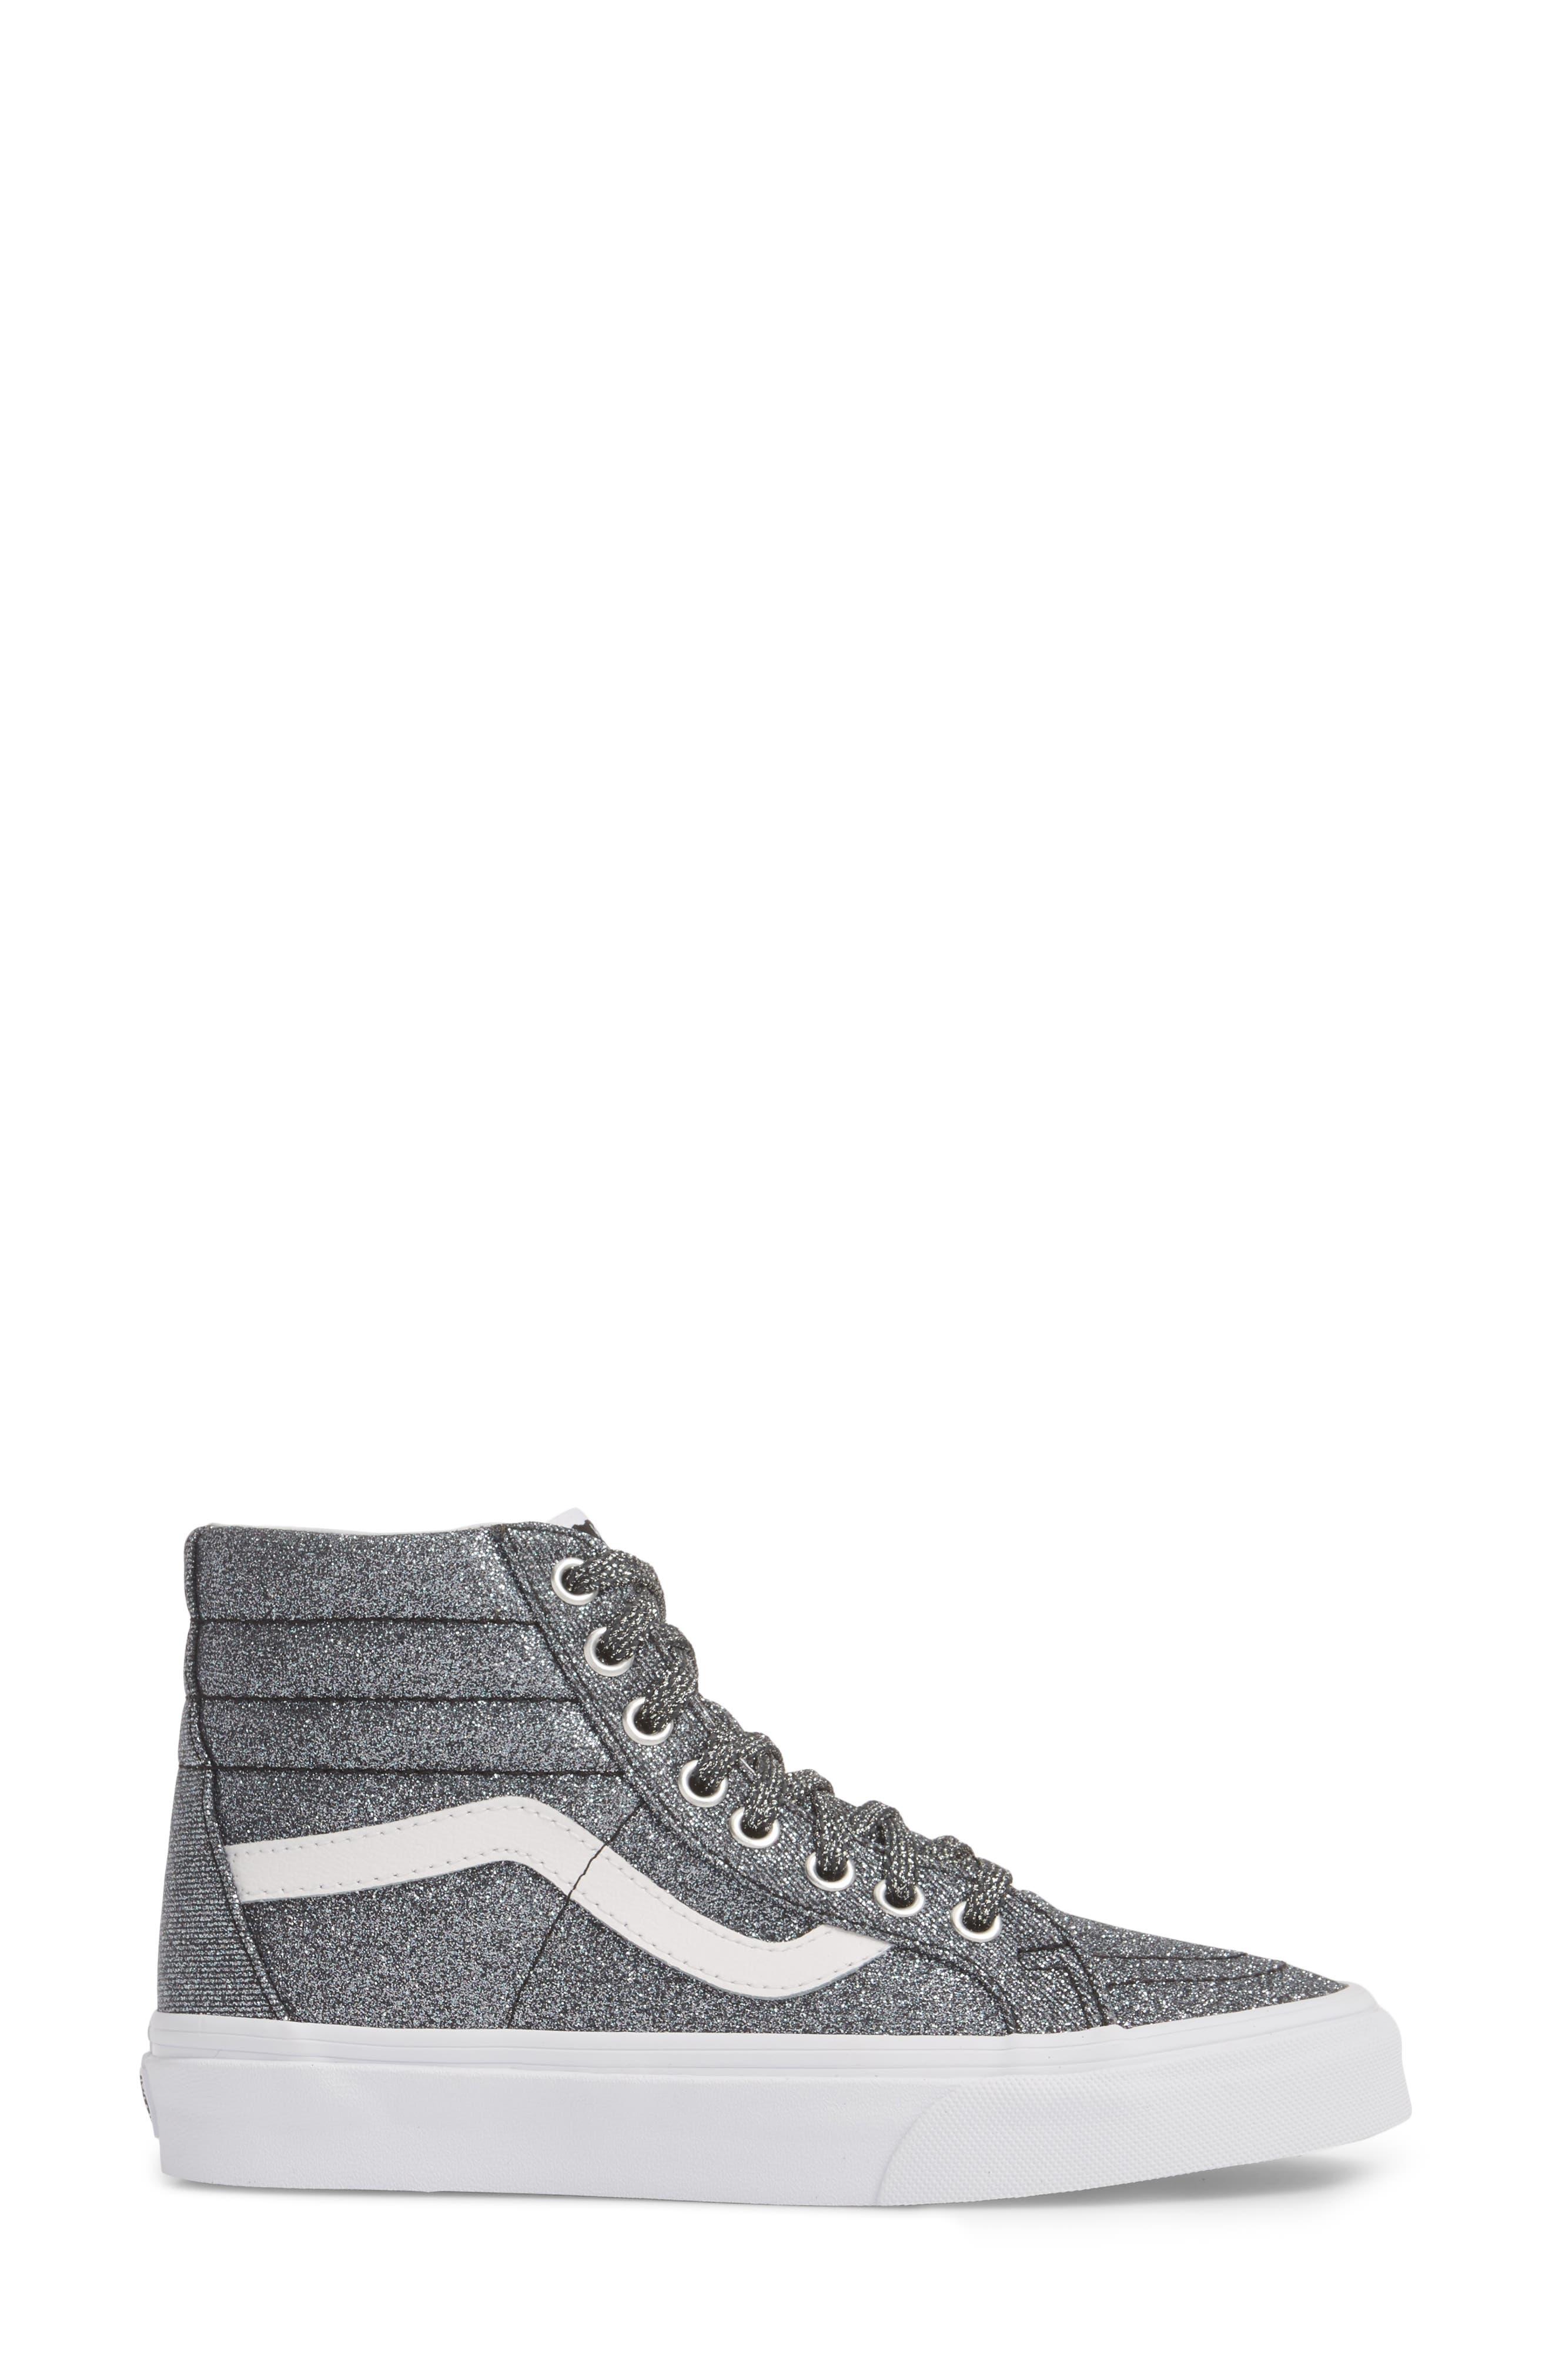 UA Sk8-Hi Reissue Glitter Sneaker,                             Alternate thumbnail 3, color,                             001